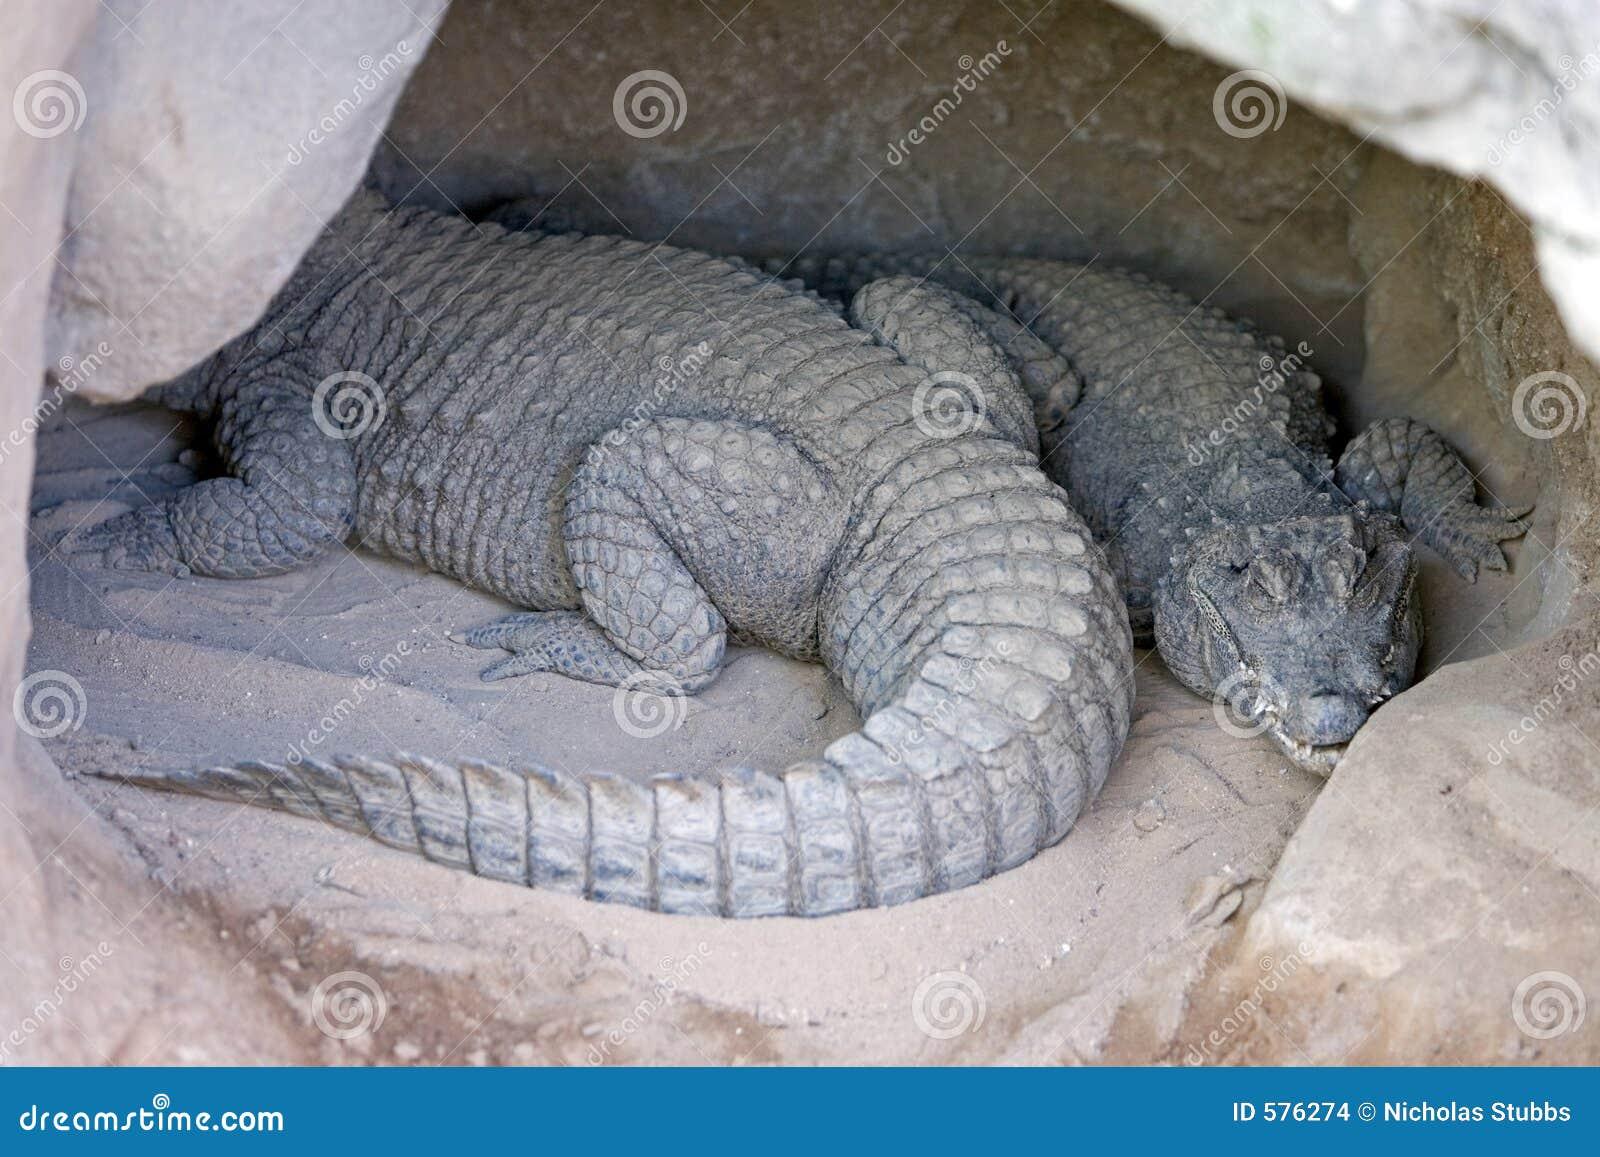 dos cocodrilos o cocodrilos dormidos en una cueva foto de archivo